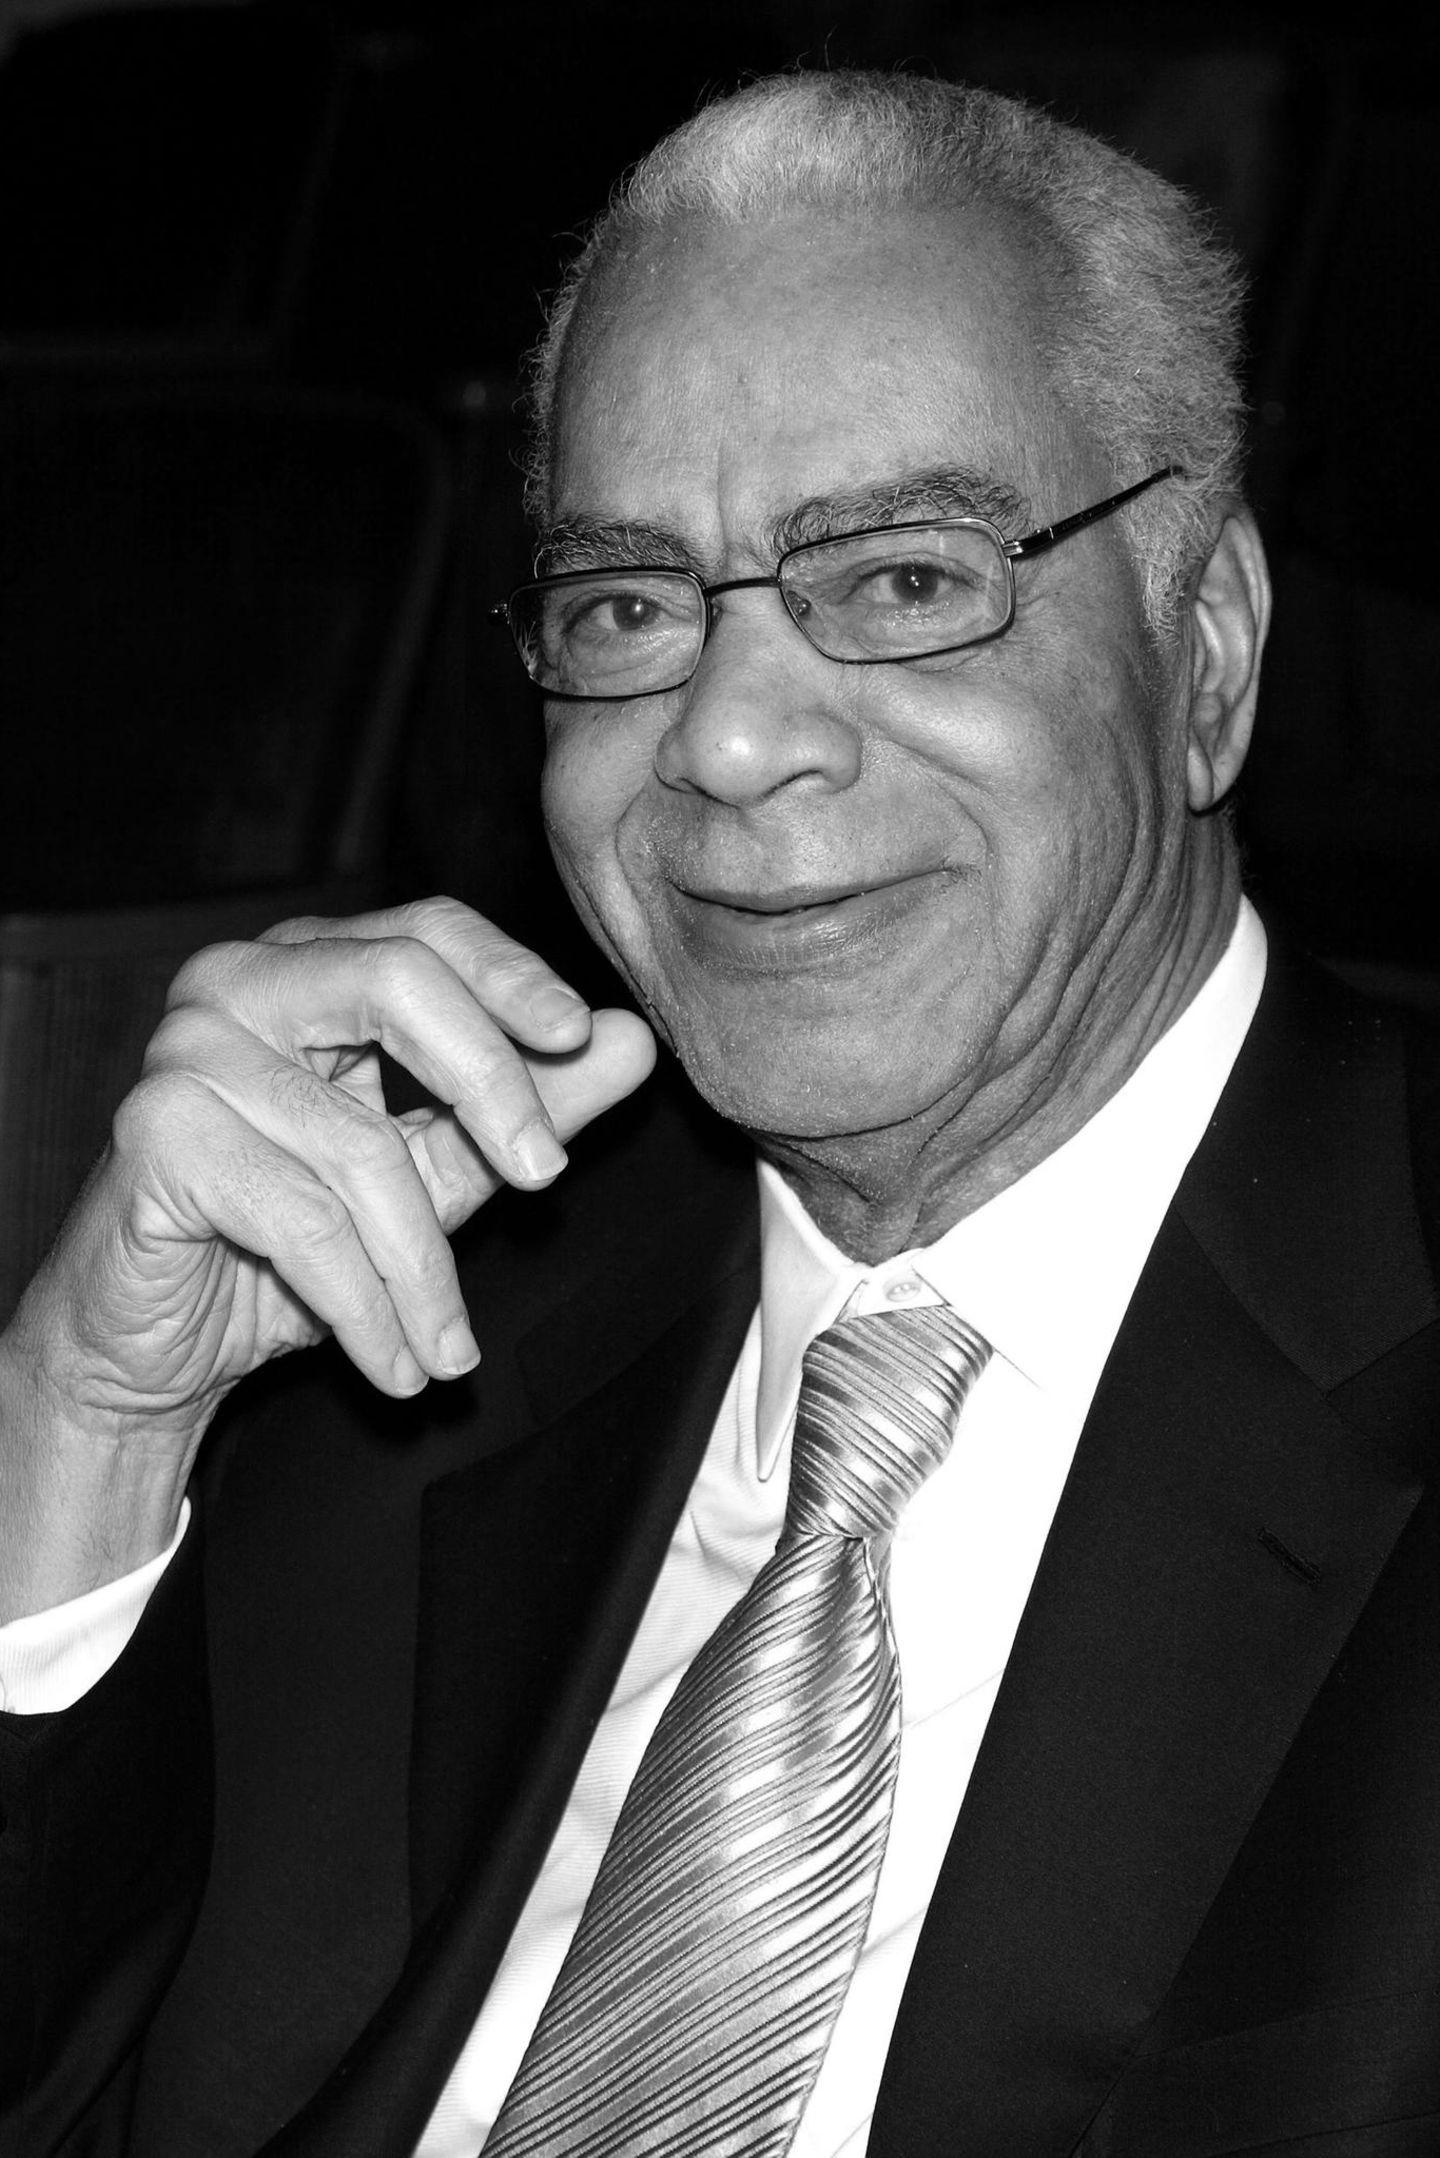 """17. November 2017: Earle Hyman (91 Jahre)  Schauspieler Earle Hyman, der für seine Rolle als Cliff Huxtables Vater Russell in """"Die Bill Cosby Show"""" bekannt war, ist im Alter von 91 Jahren gestorben. Laut """"The Hollywood Reporter"""" starb Hyman am Freitag in Englewood, New Jersey."""